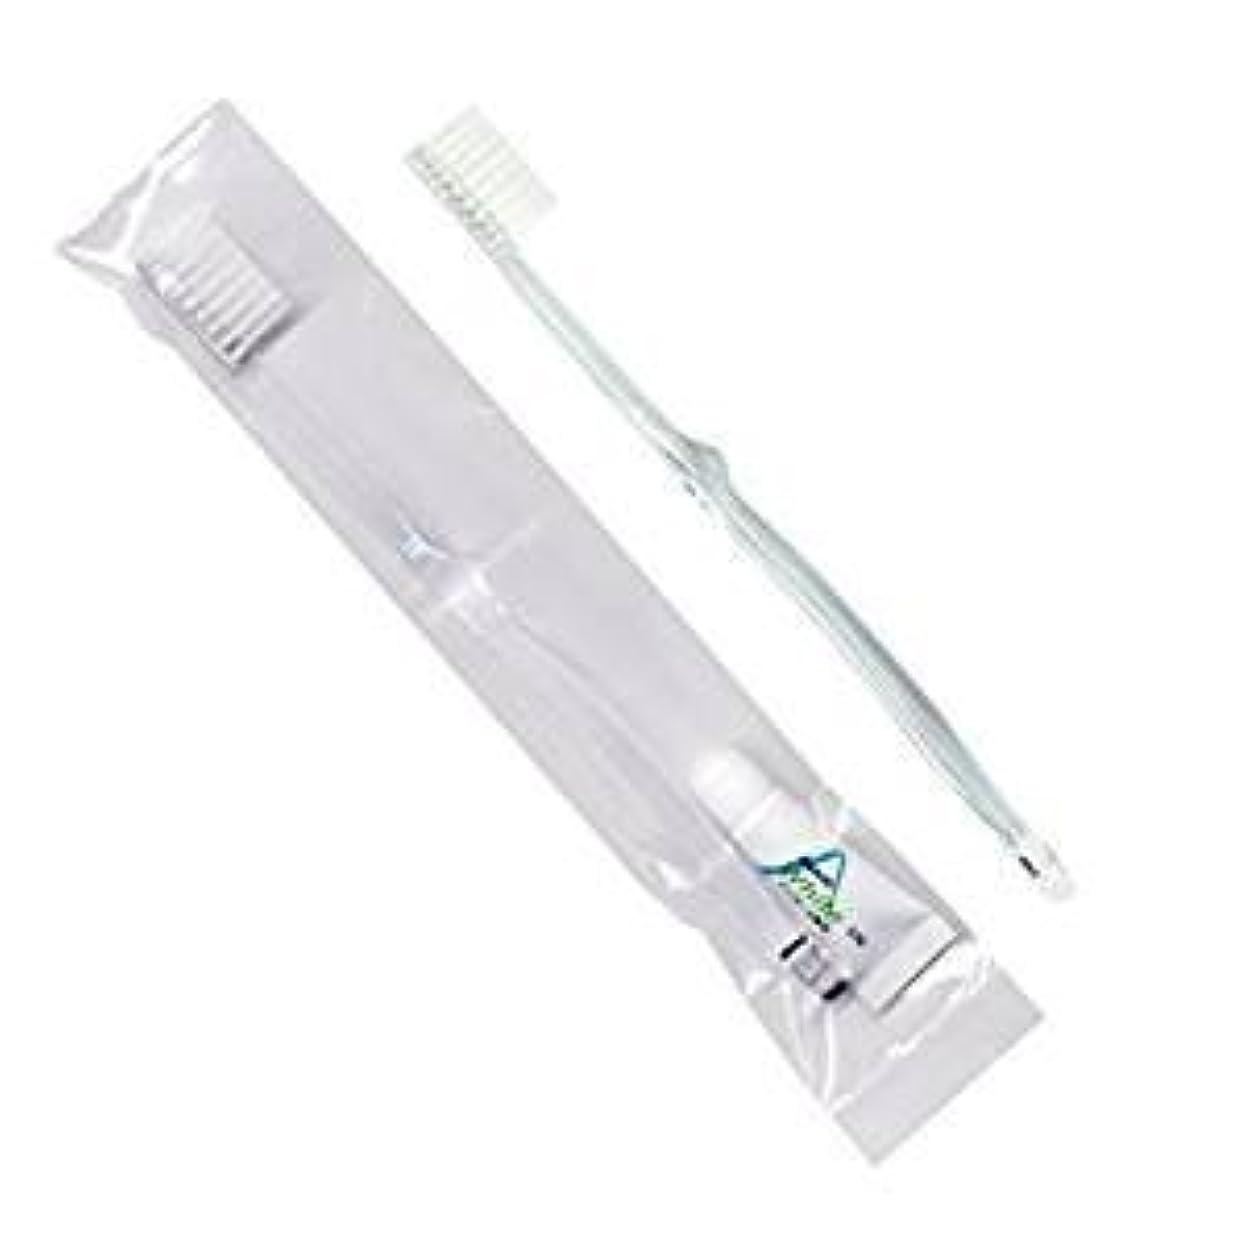 インサート推定不正直ホテル業務用歯ブラシ28穴(クリア)3.5gチューブ OP袋Sタイプ 50本